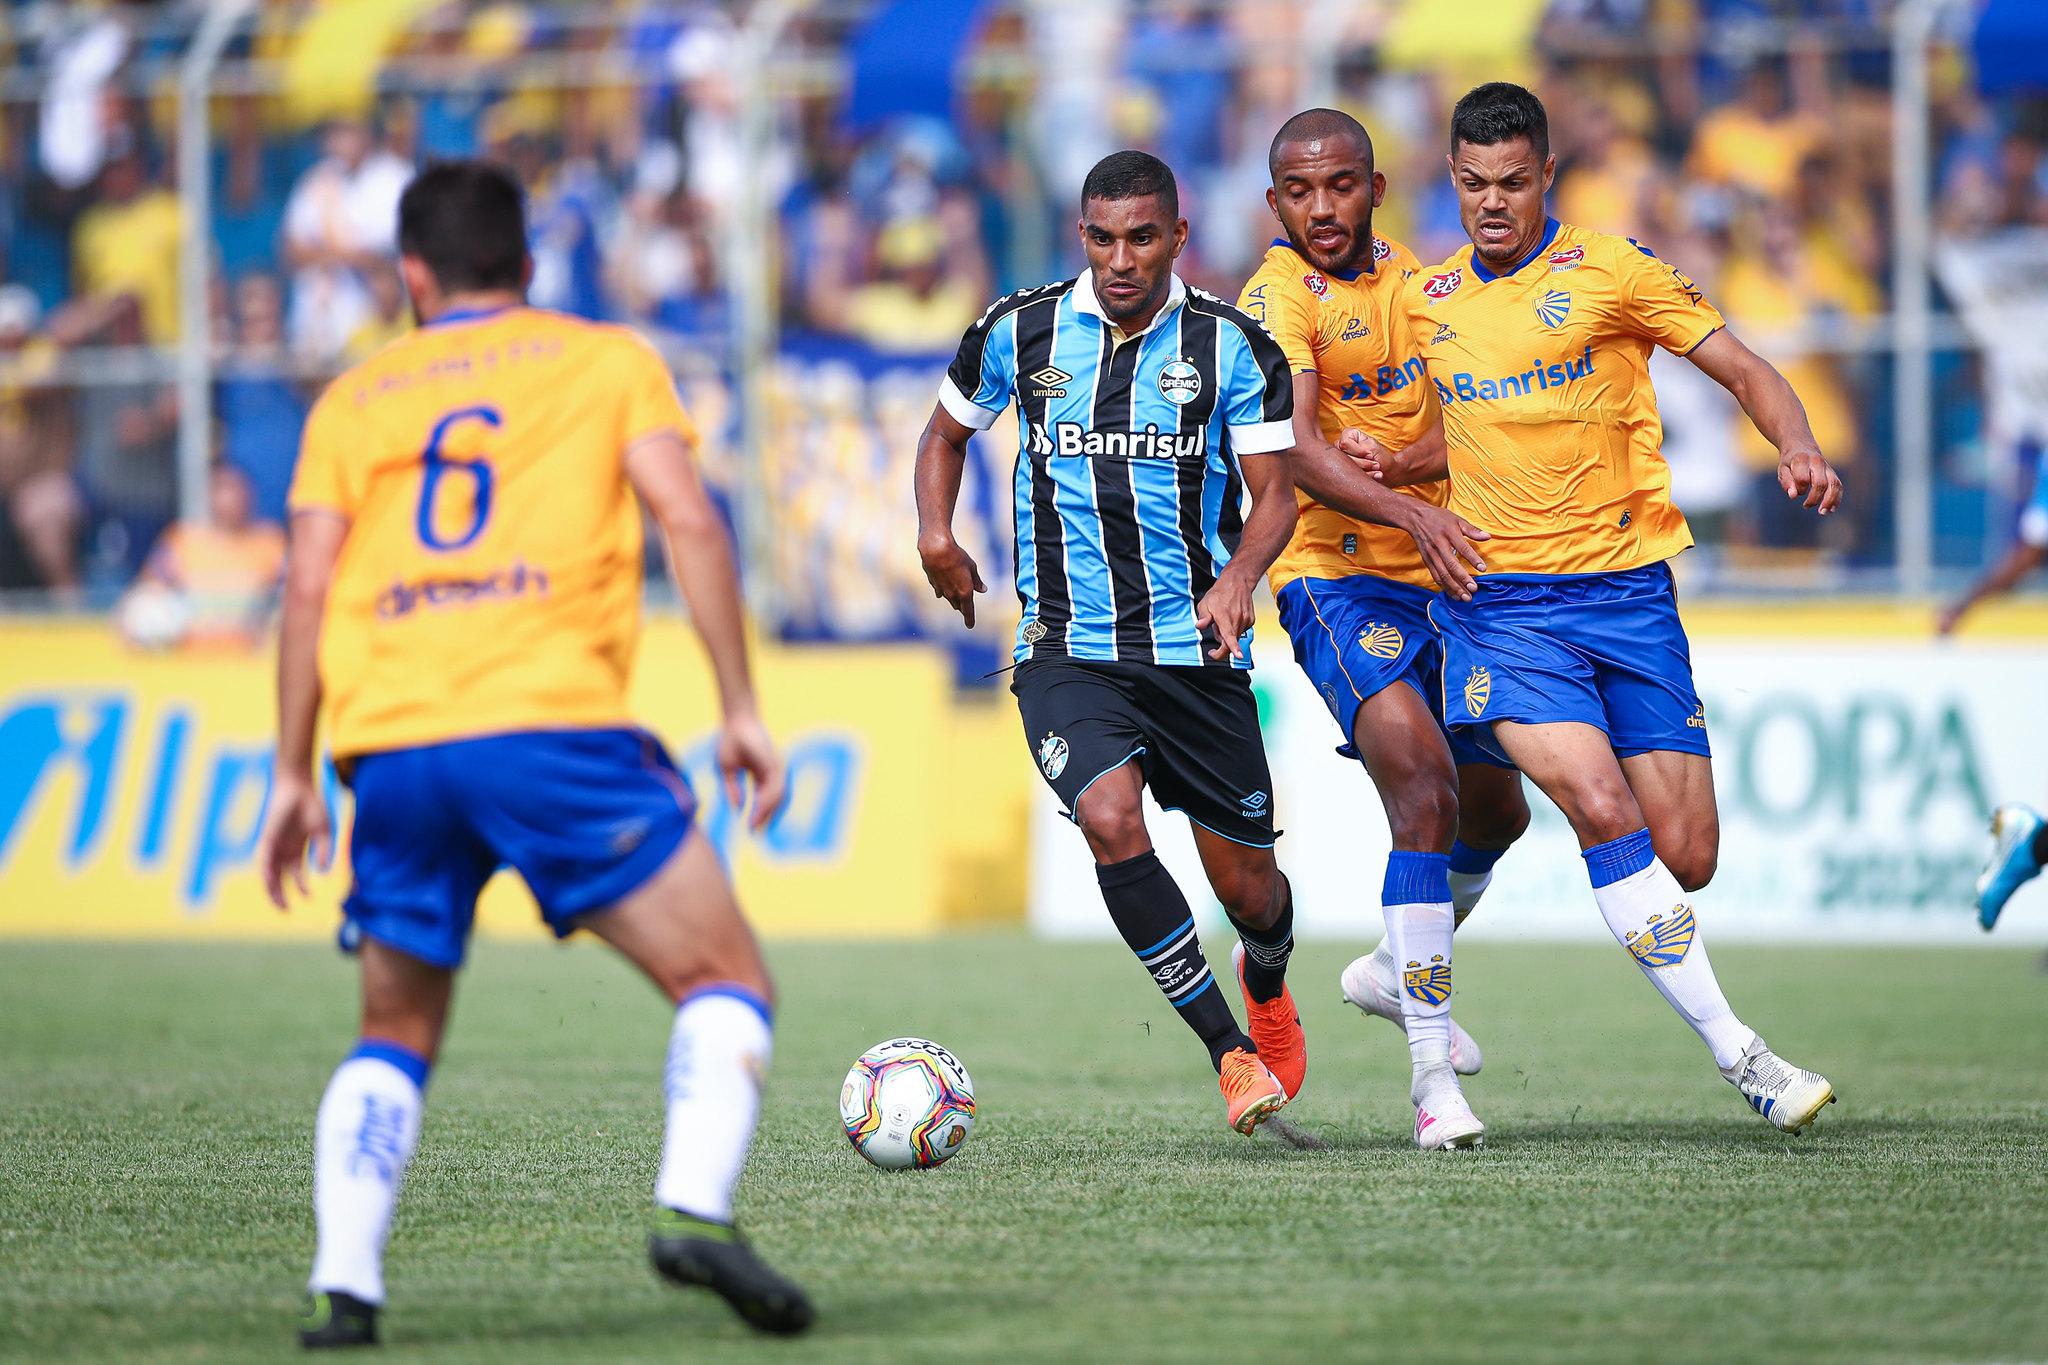 Pelotas conquistou o bicampeonato da Recopa Gaúcha. Foto: Lucas Uebel/Divulgação